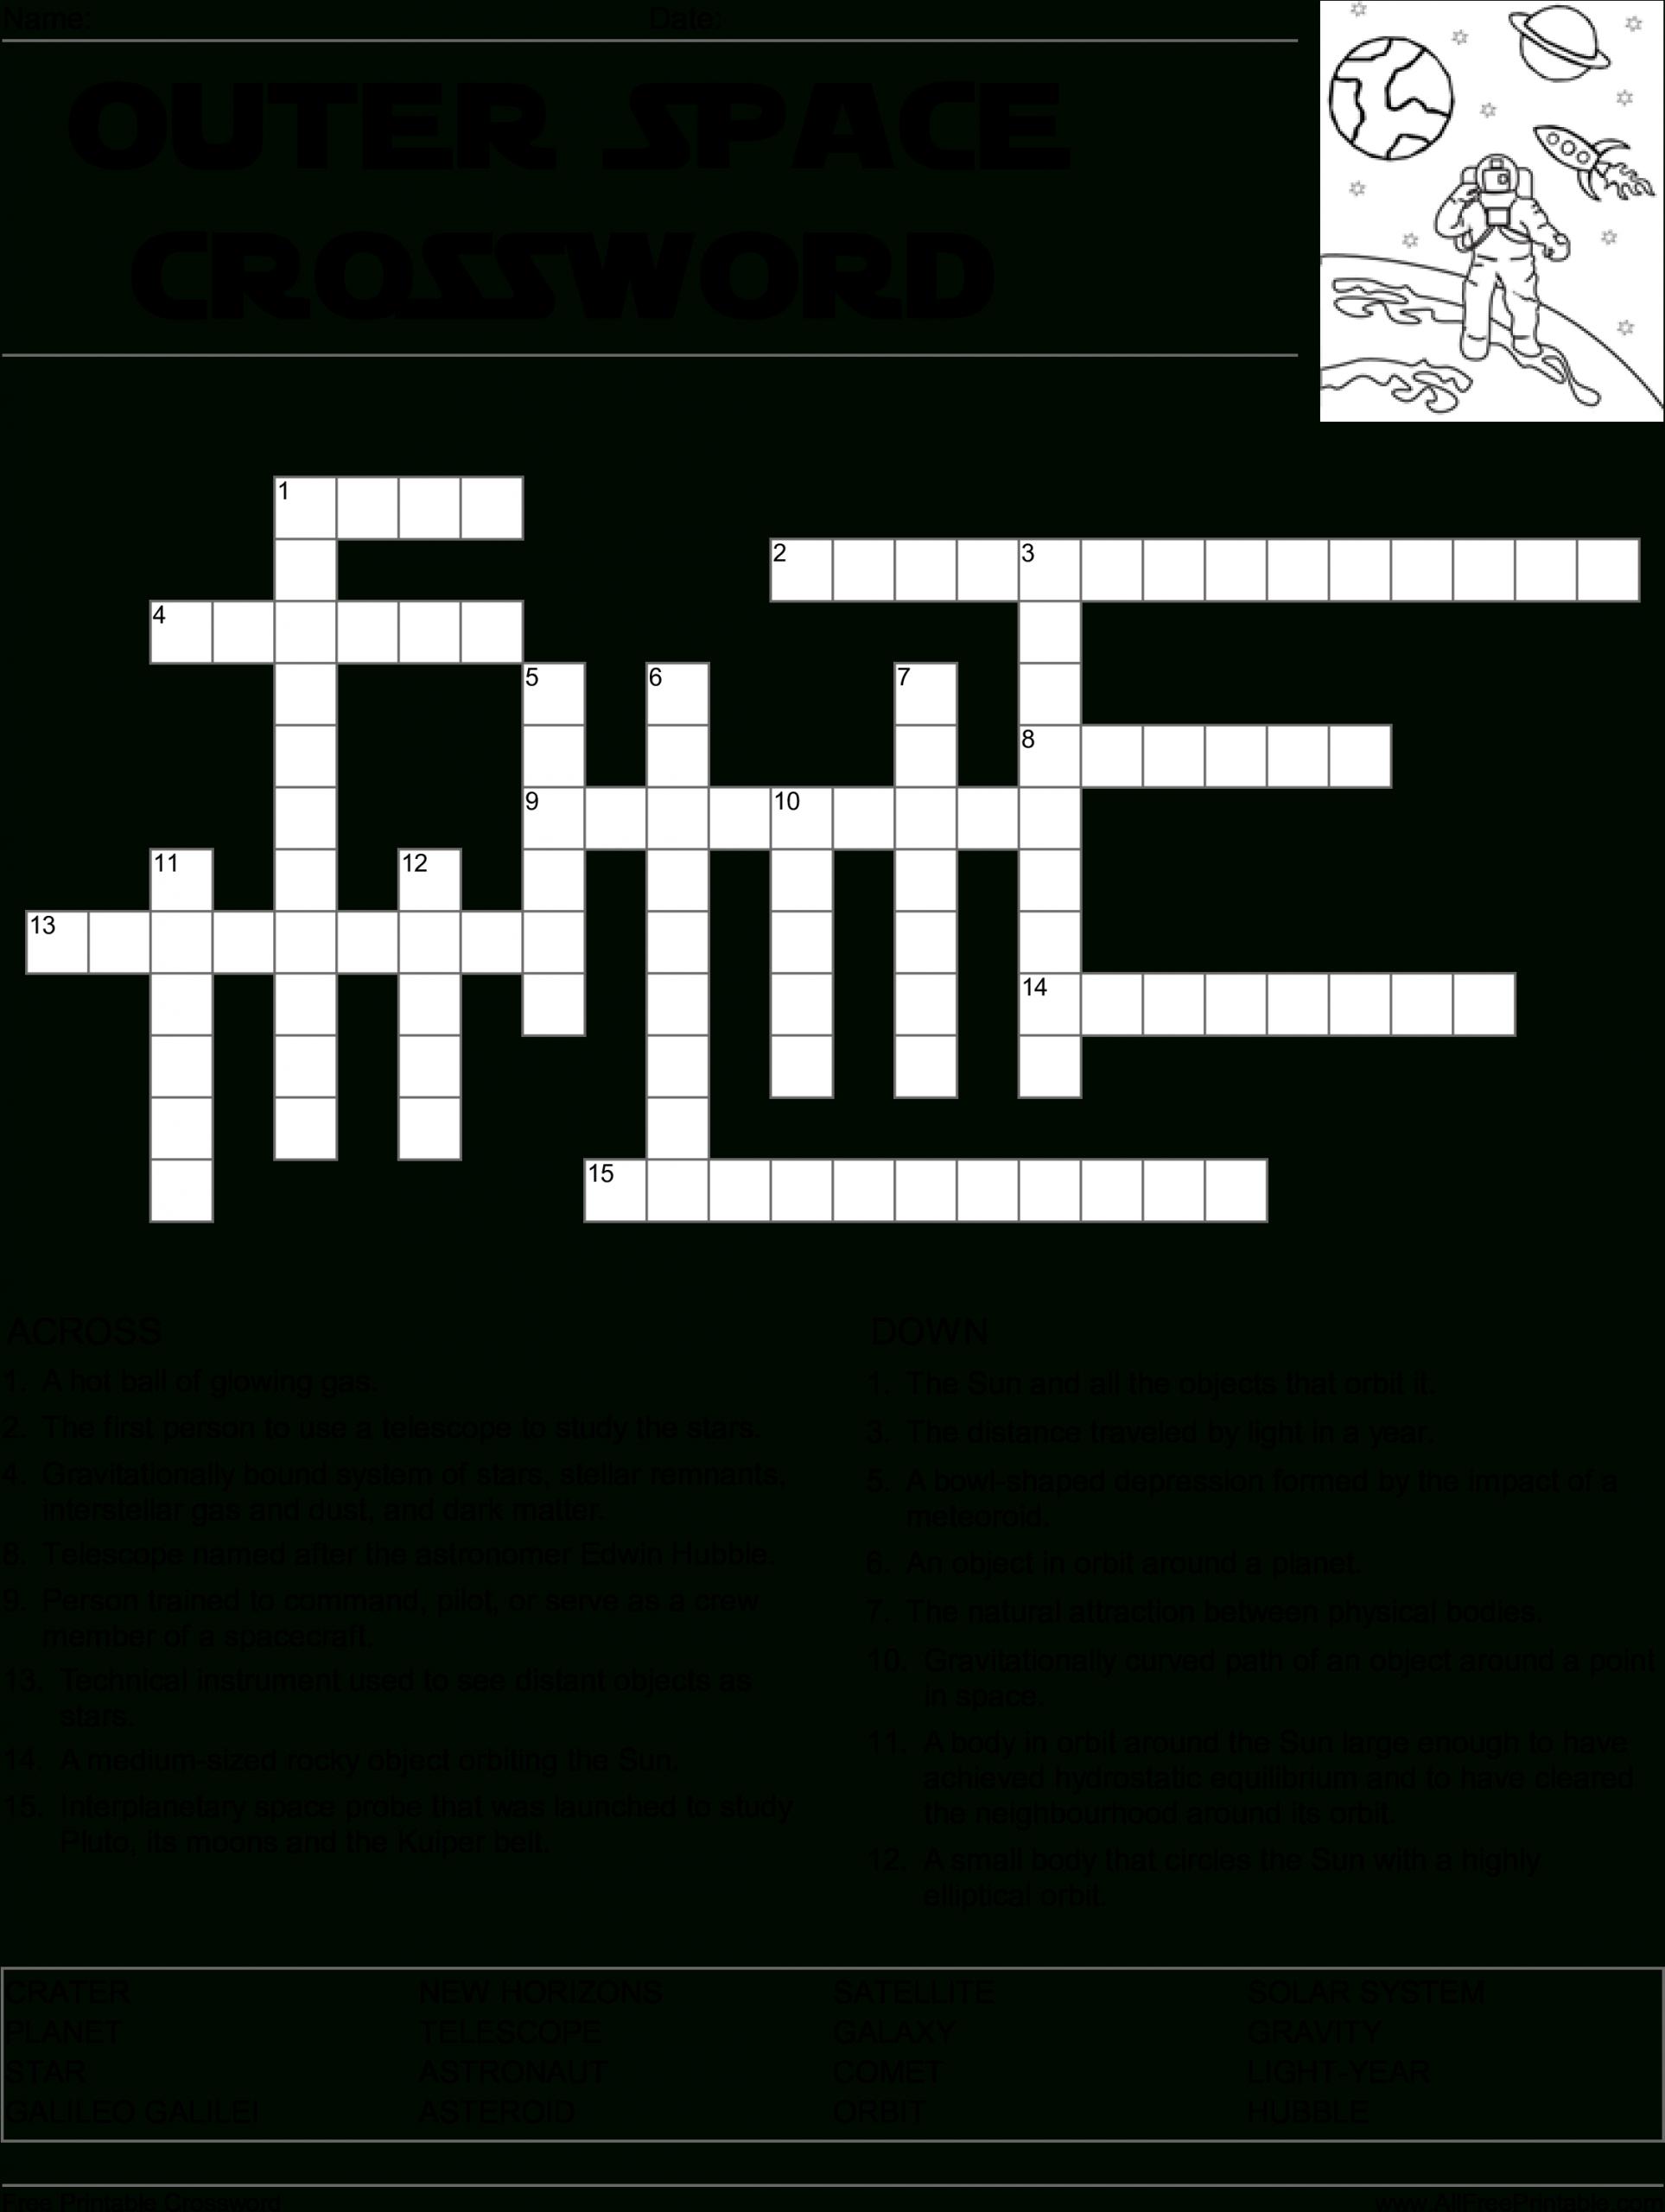 Download Crossword Puzzle Printable Template Crosswords